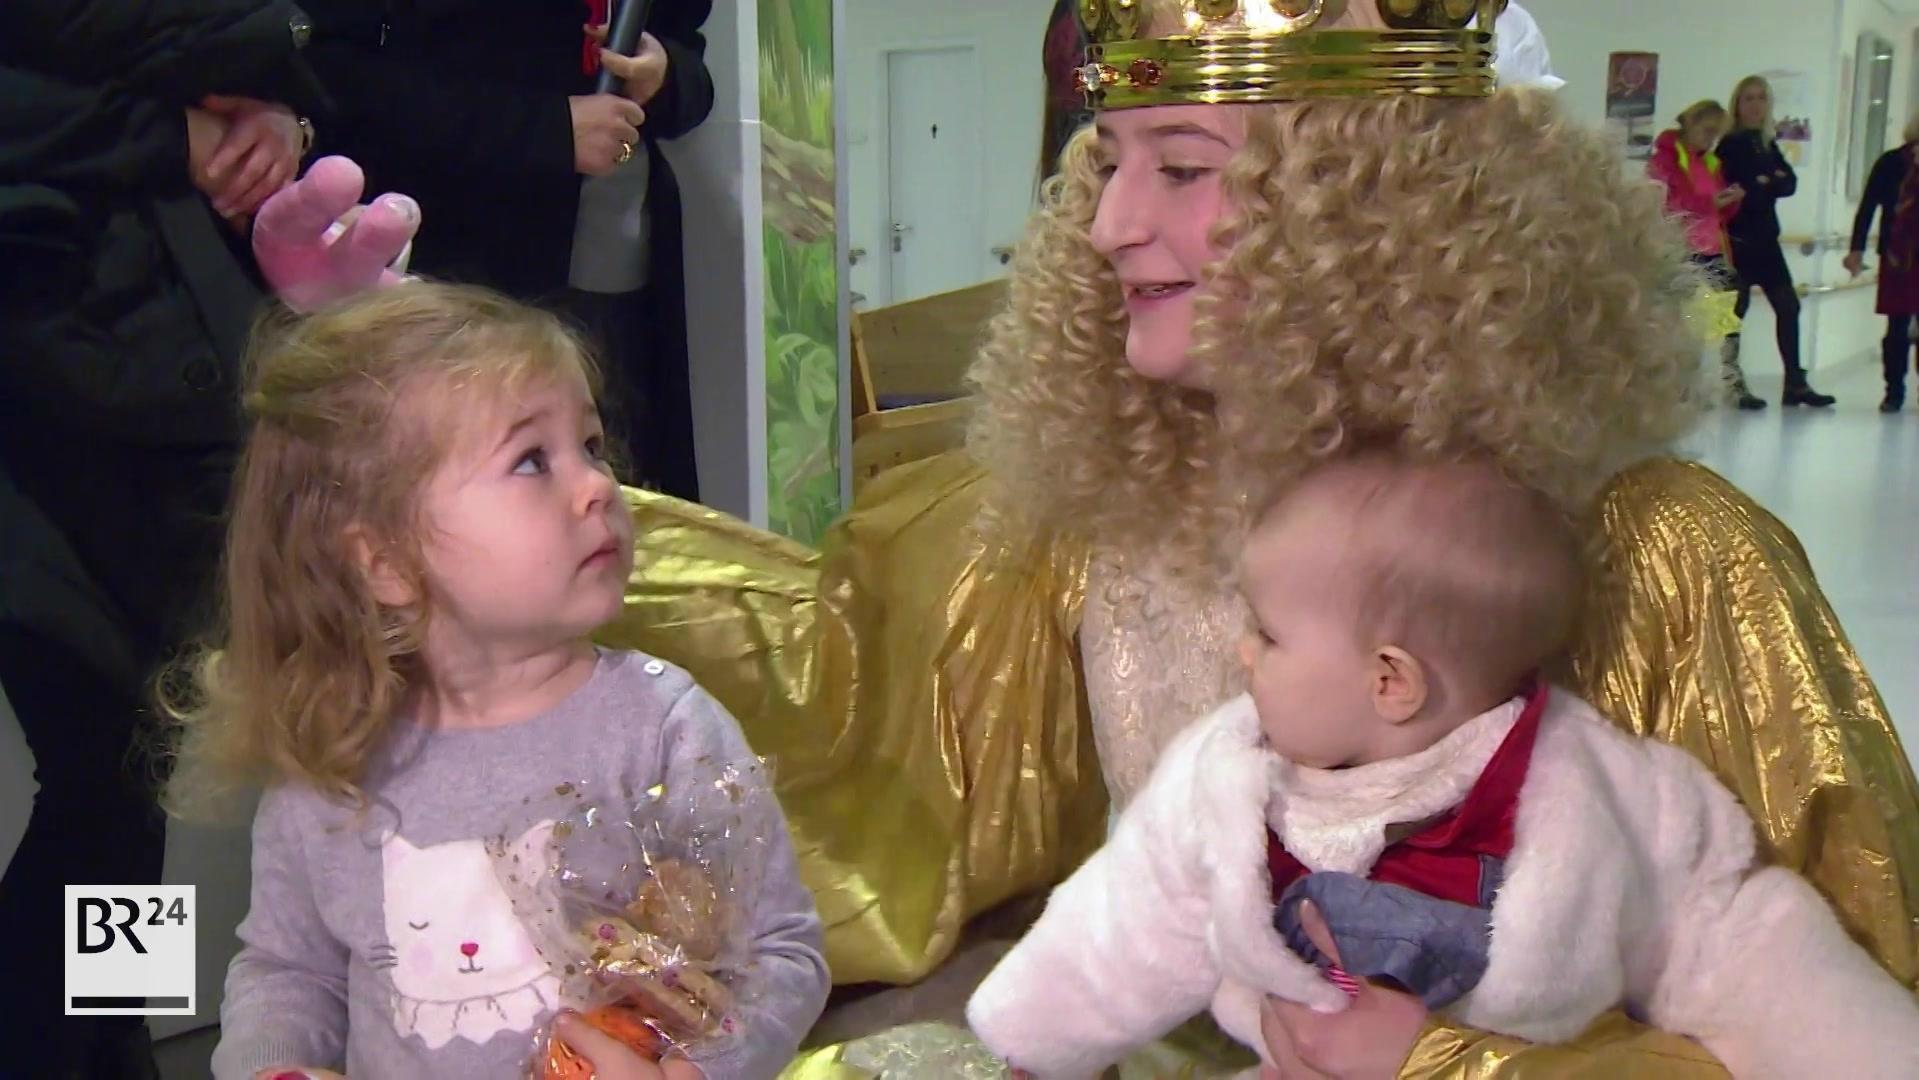 Christkind mit zwei Kleinkindern auf dem Schoß